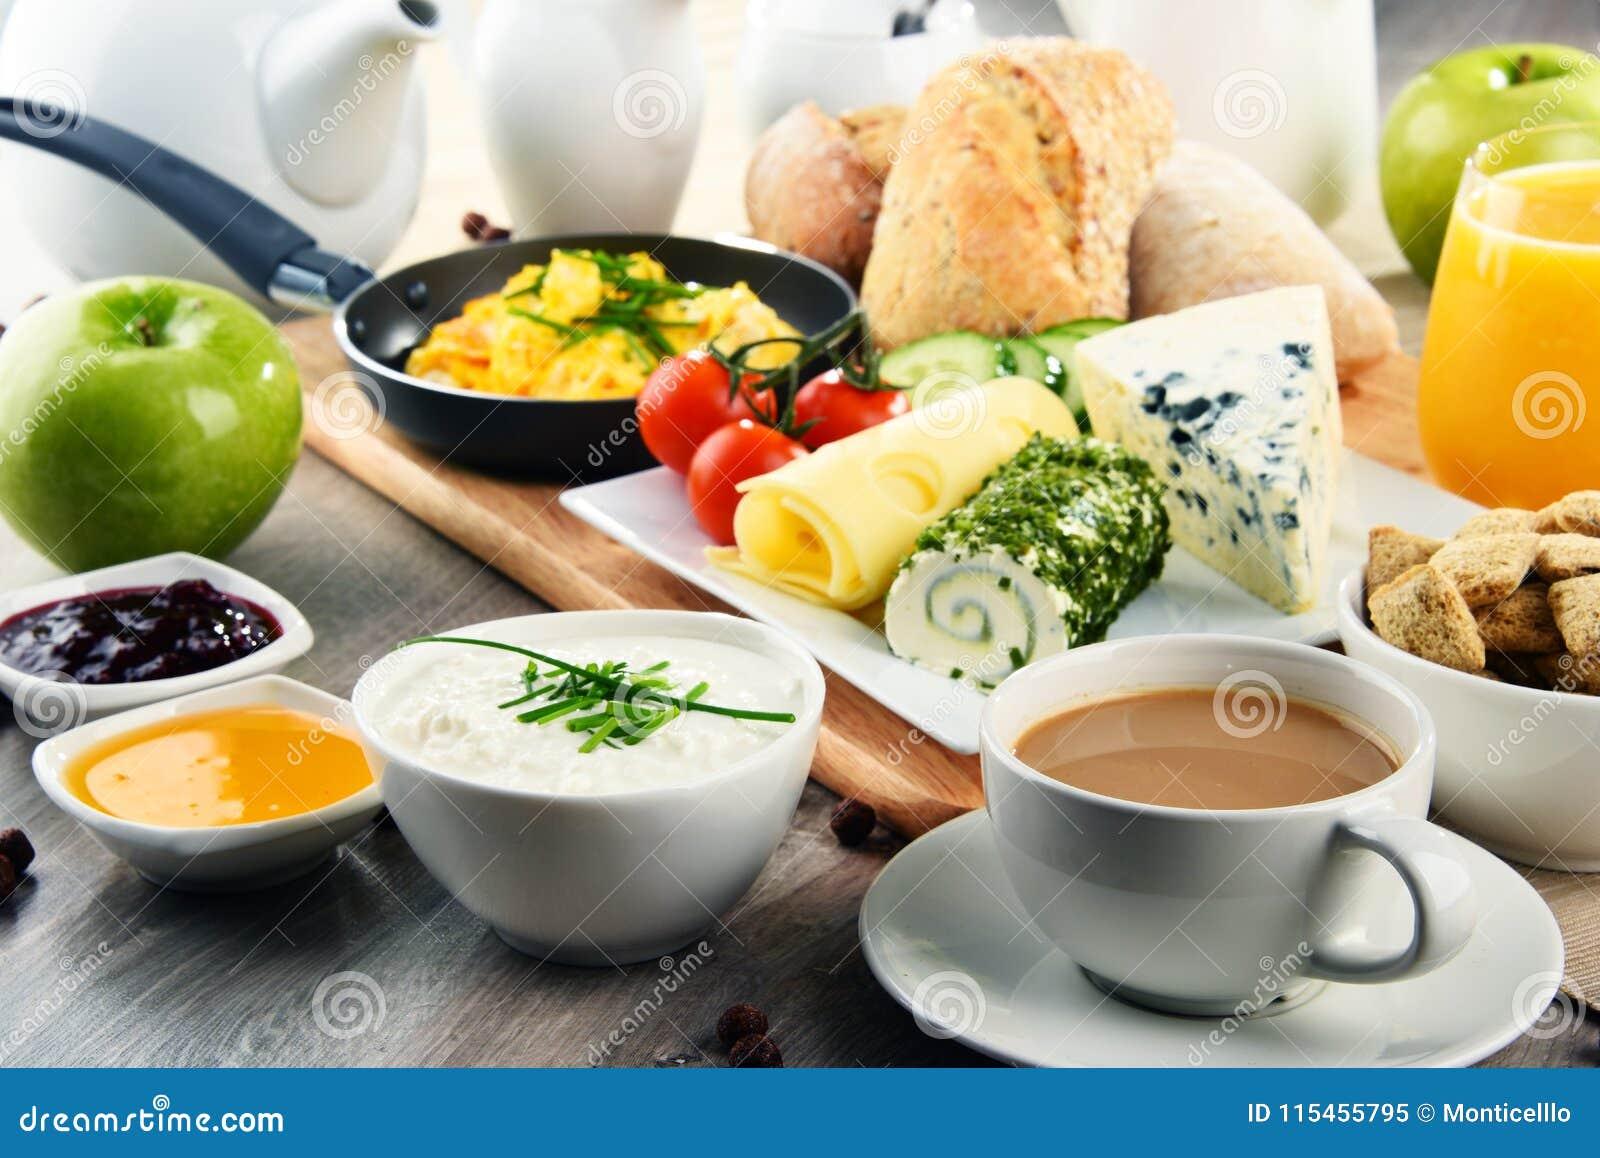 O café da manhã serviu com café, queijo, cereais e ovos mexidos